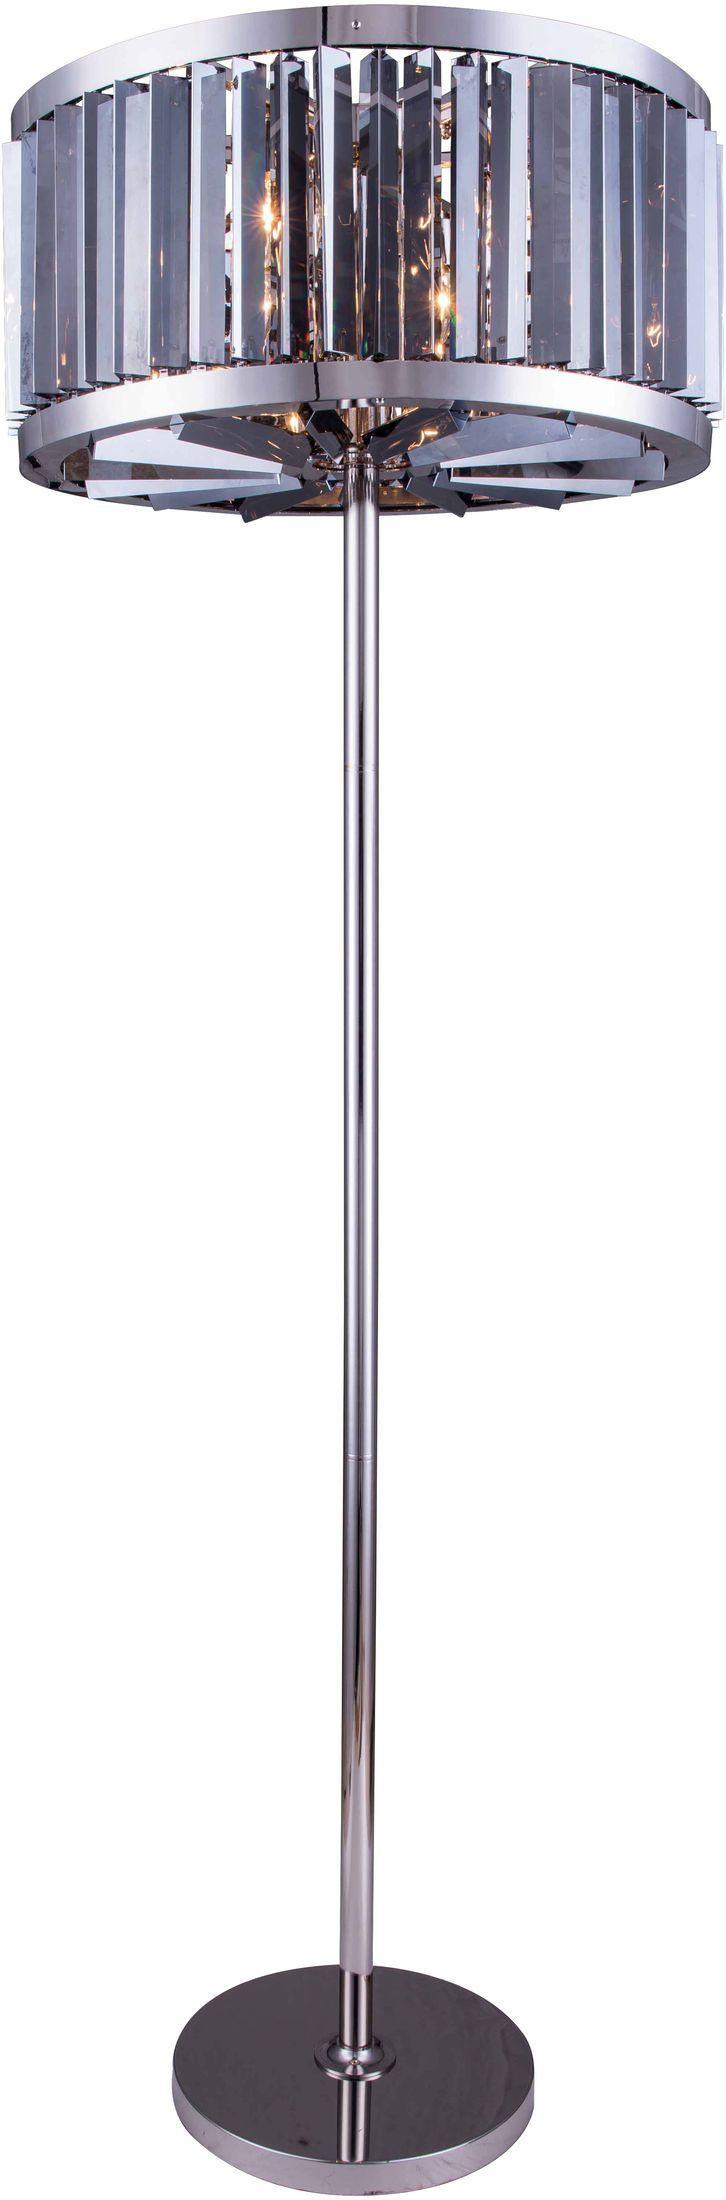 Lamps Plus Stop Catalog